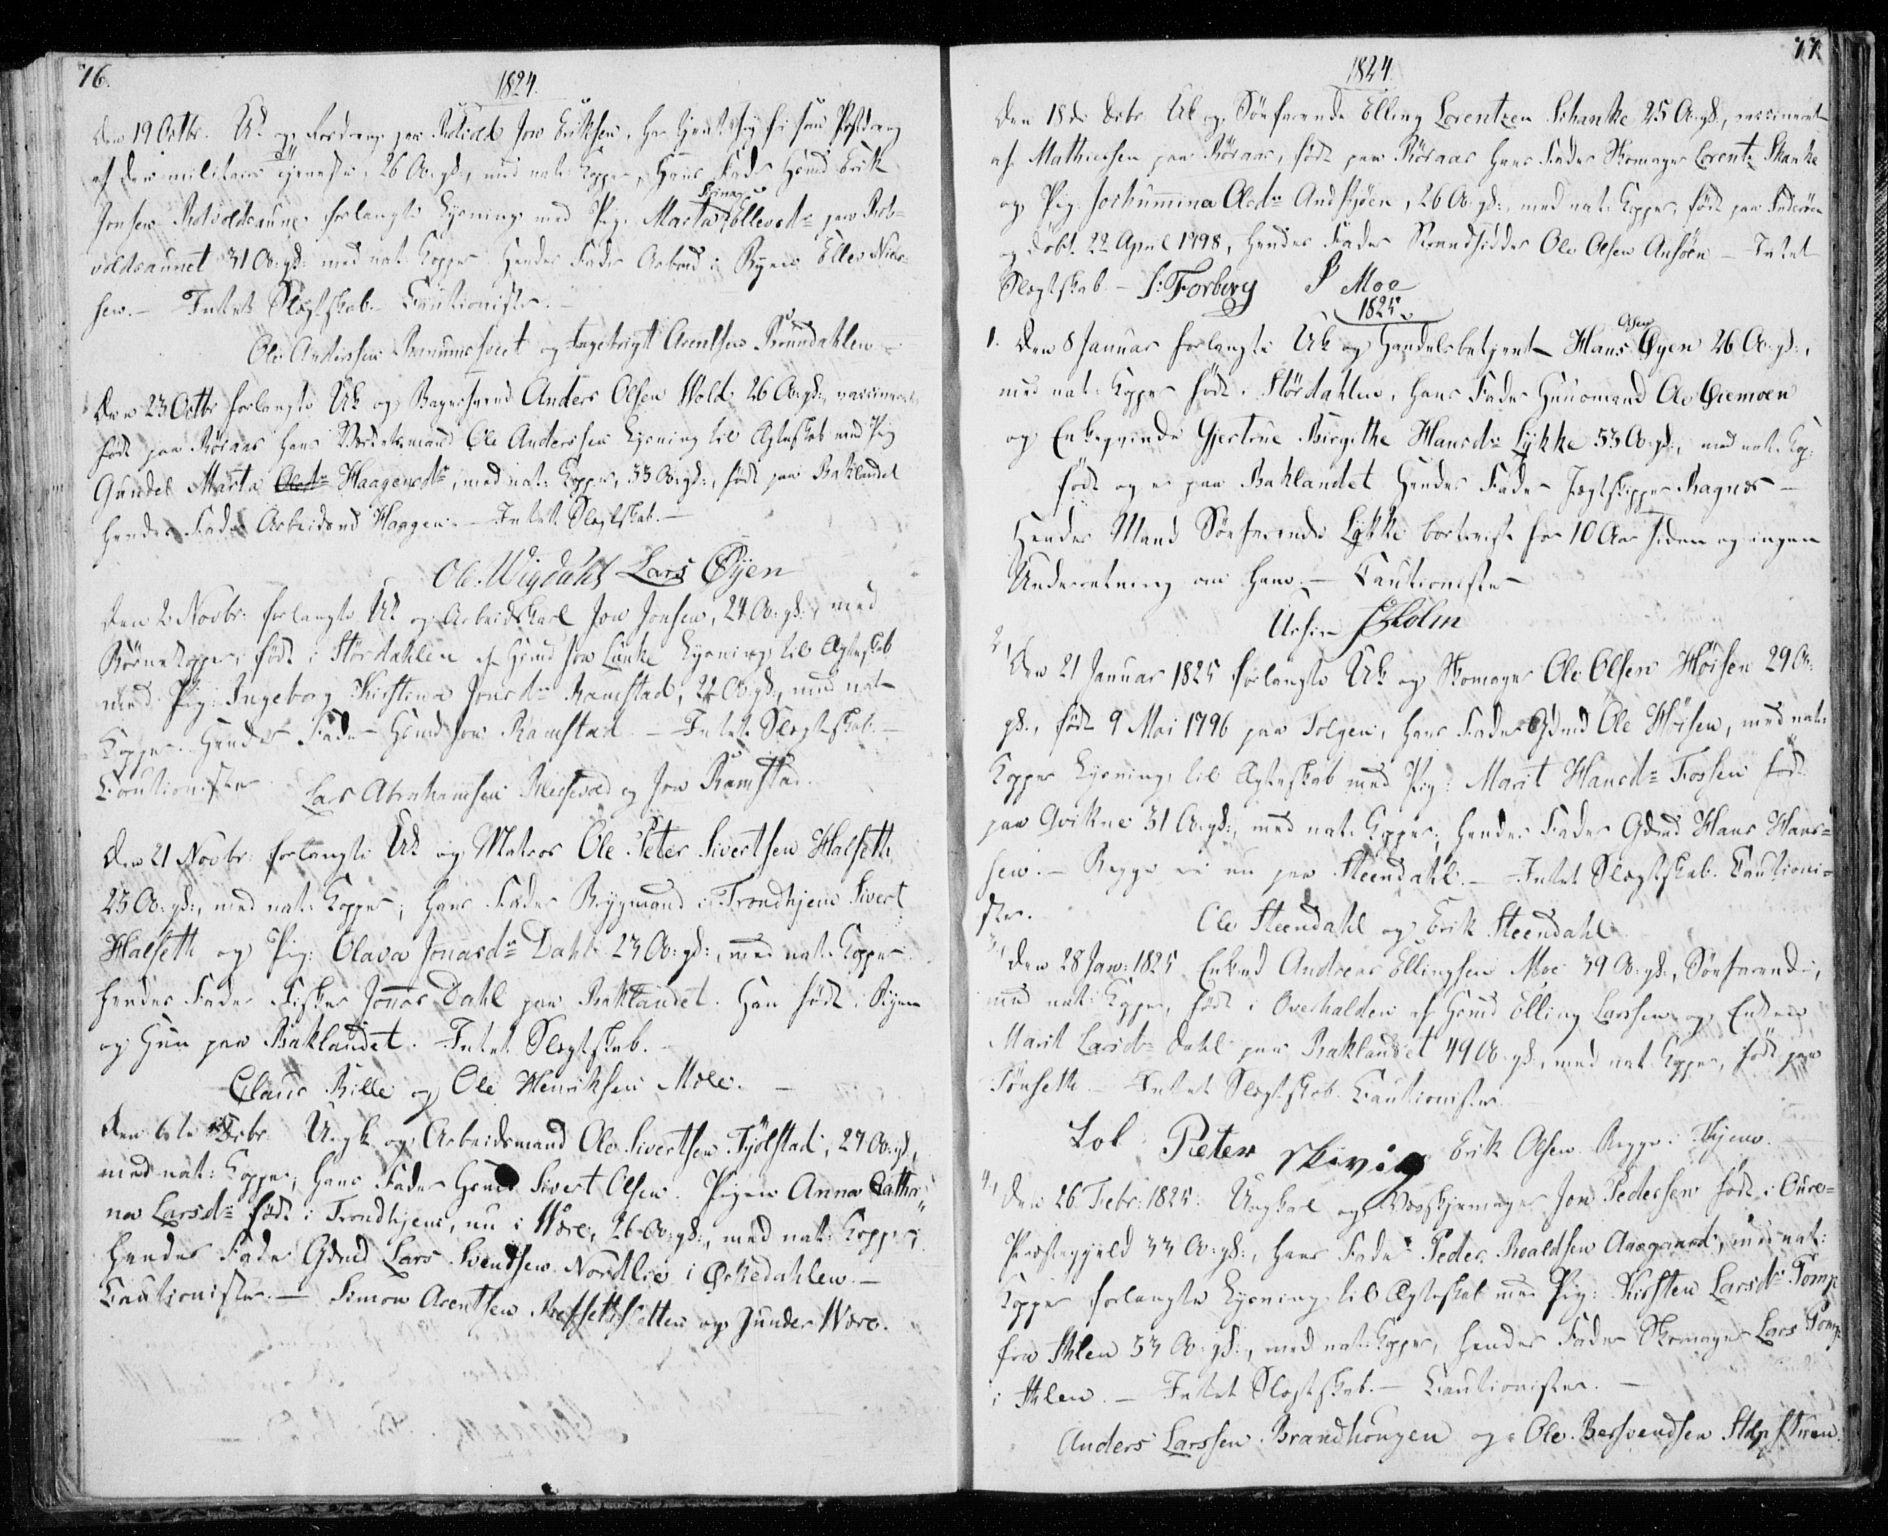 SAT, Ministerialprotokoller, klokkerbøker og fødselsregistre - Sør-Trøndelag, 606/L0295: Lysningsprotokoll nr. 606A10, 1815-1833, s. 76-77